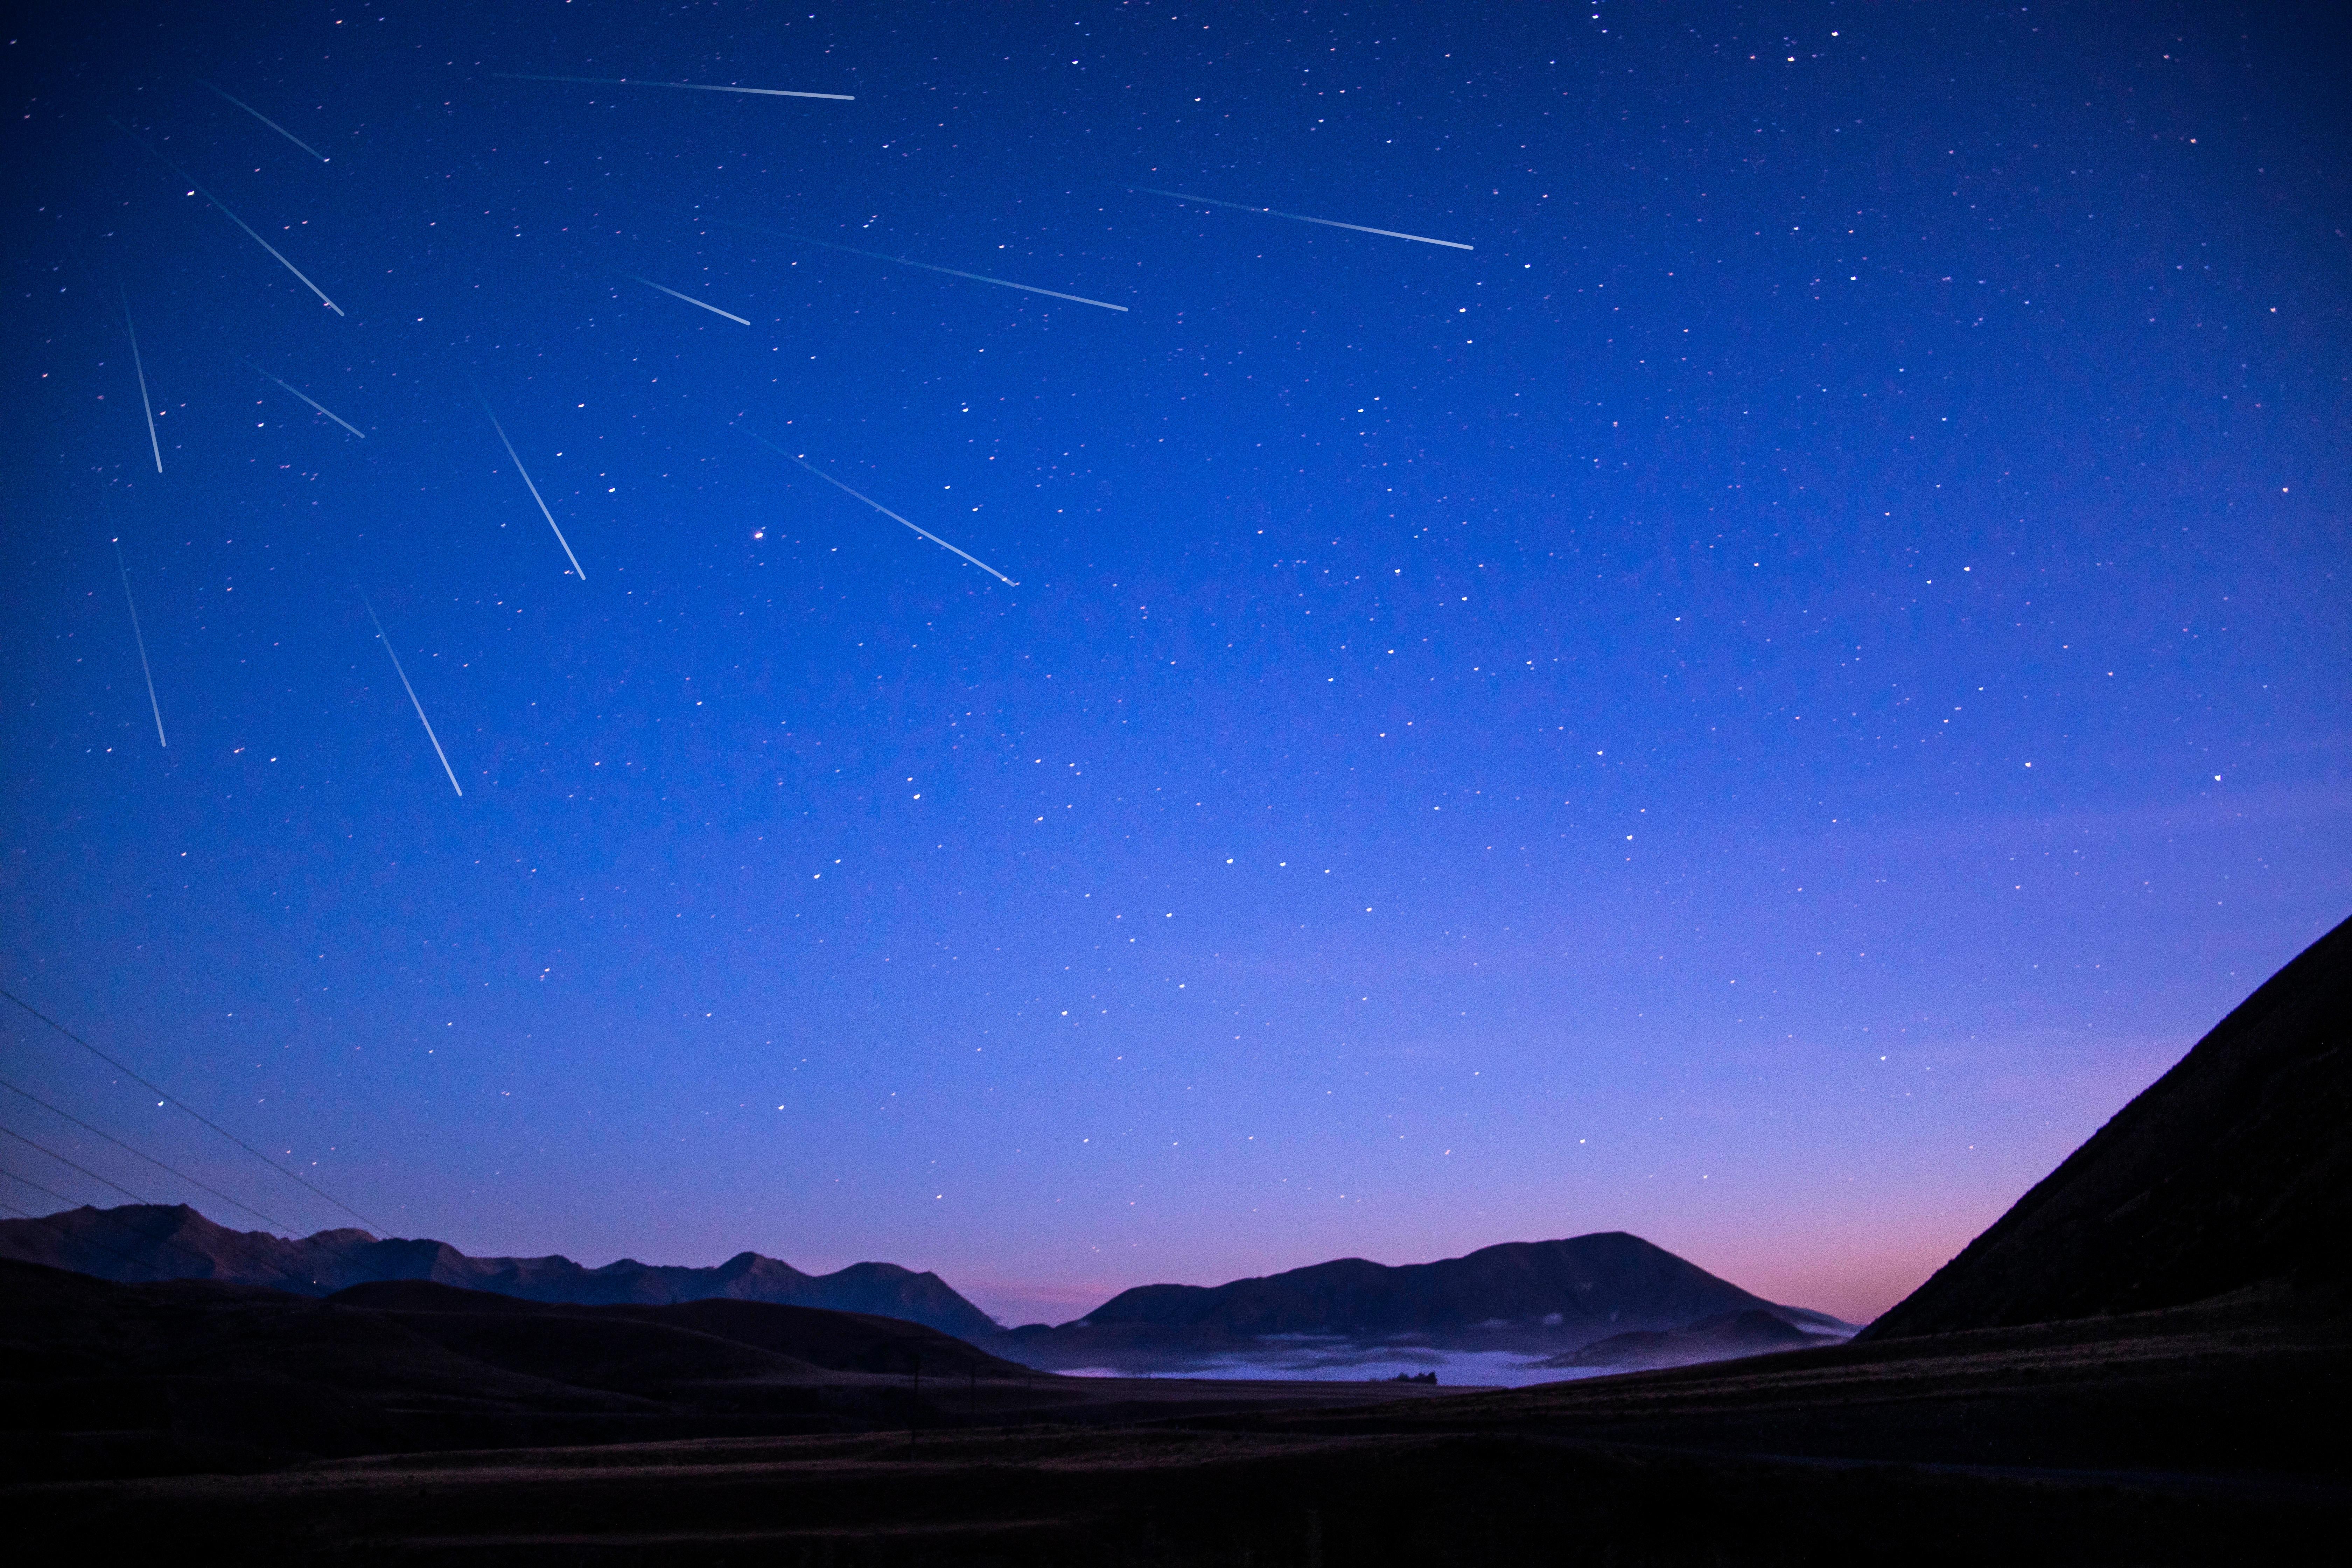 stars under blue sky 1579381484 - Stars Under Blue Sky - Stars Under Blue Sky wallpapers 4k, Stars Under Blue Sky 4k wallpapers